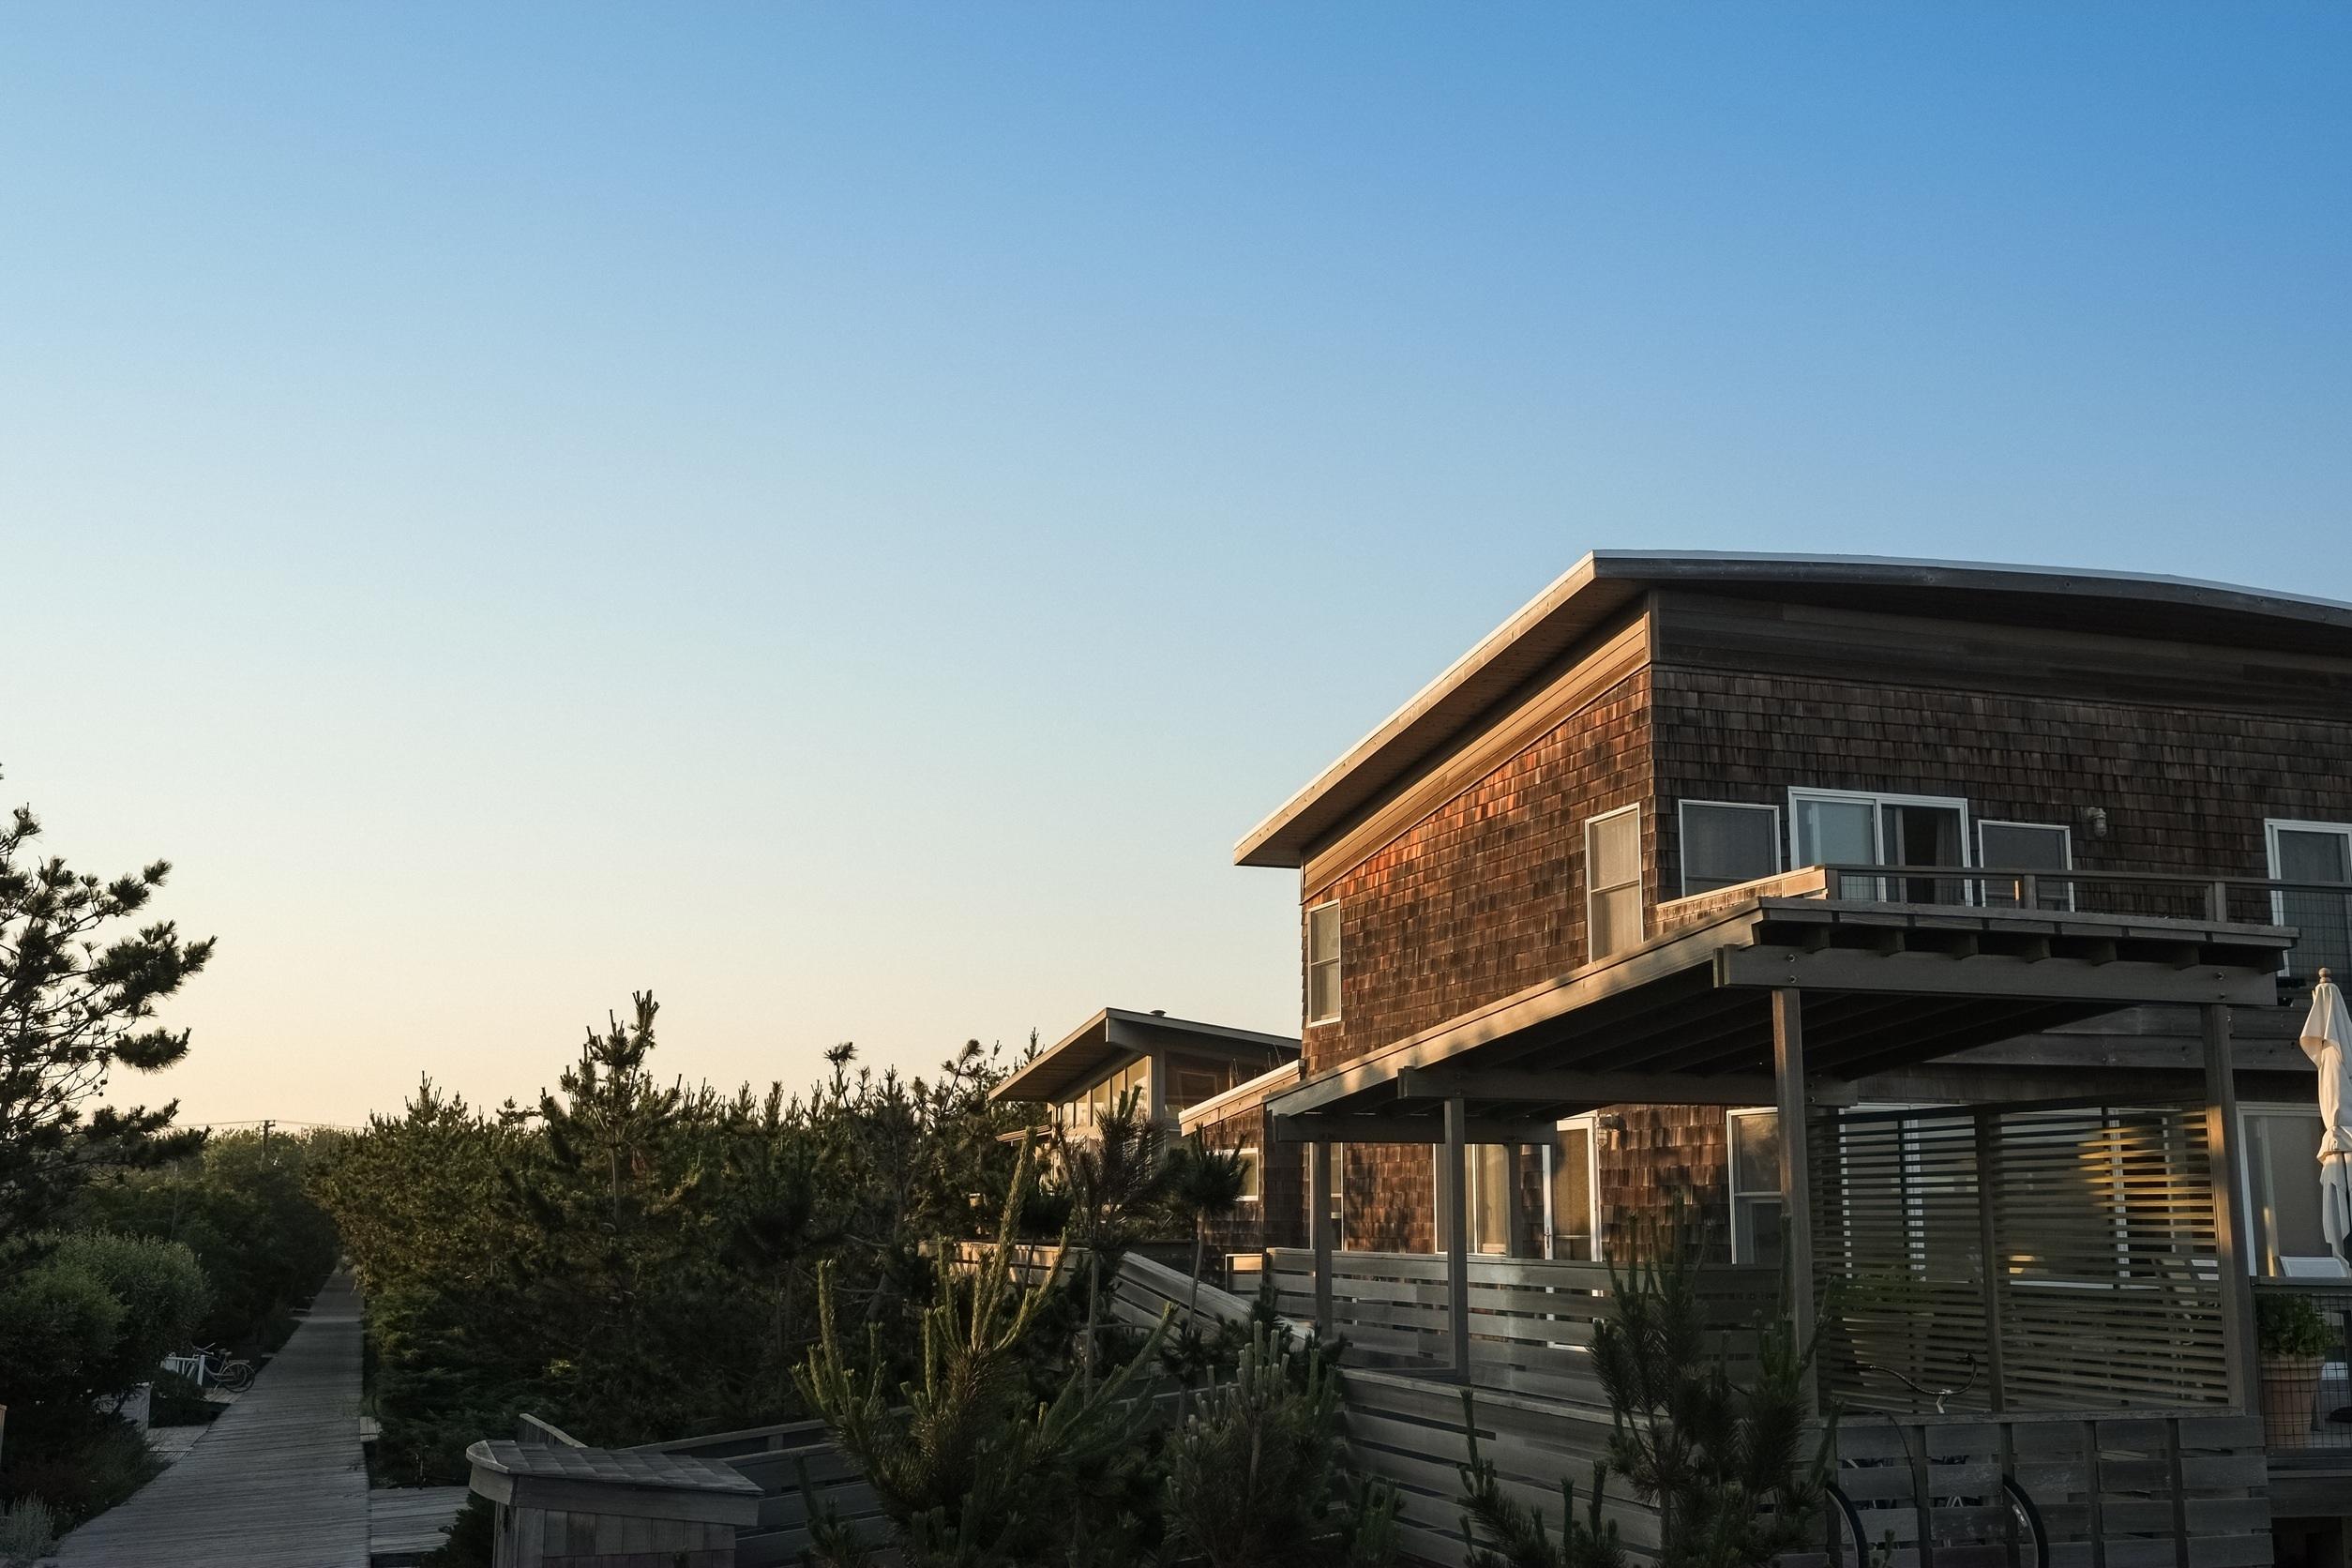 Fotos Gratis Ligero Arquitectura Puesta De Sol Casa